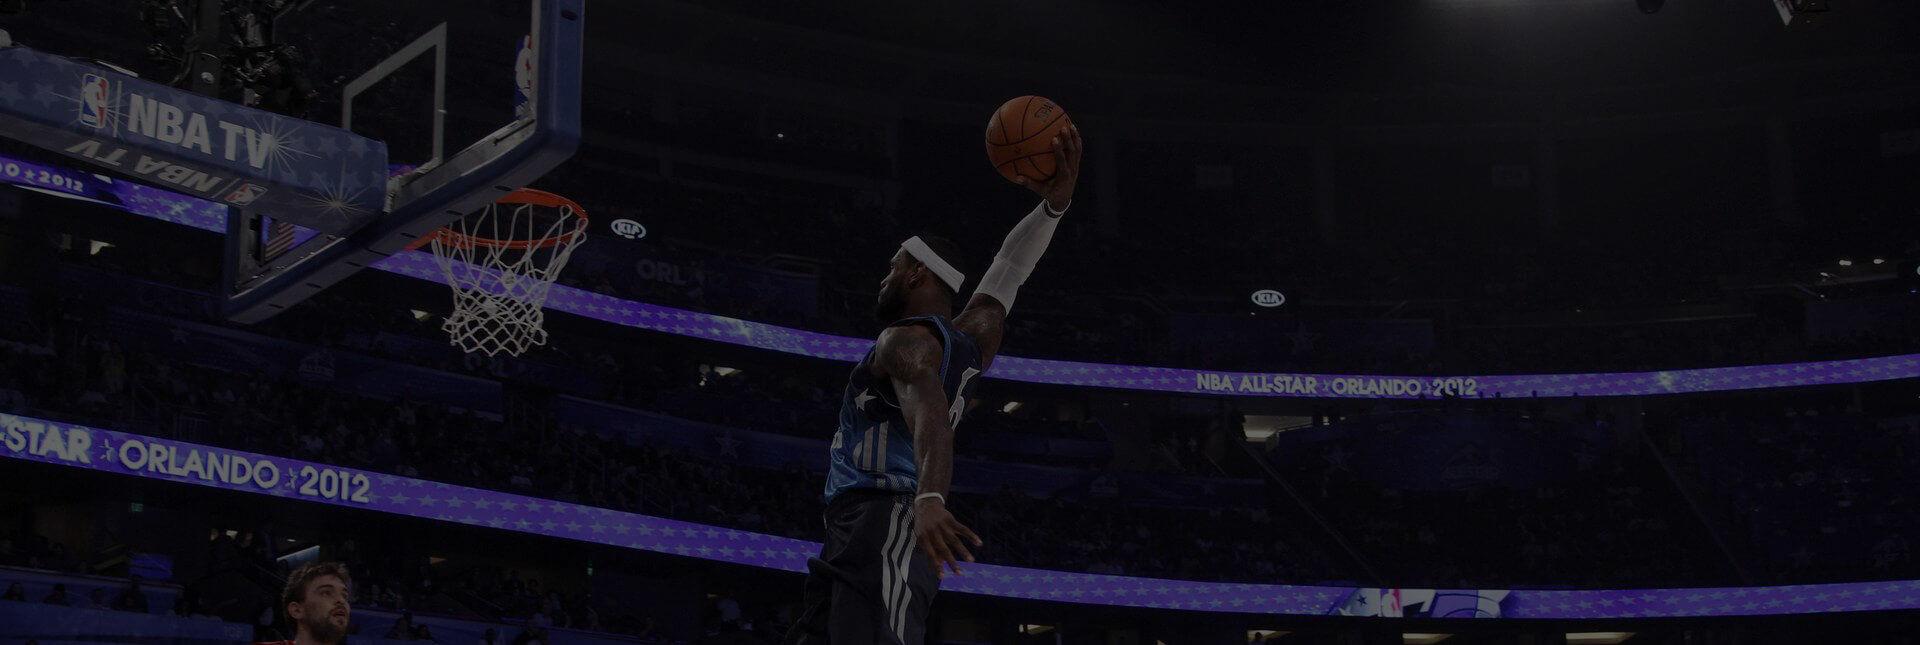 NBA Betting Software Development